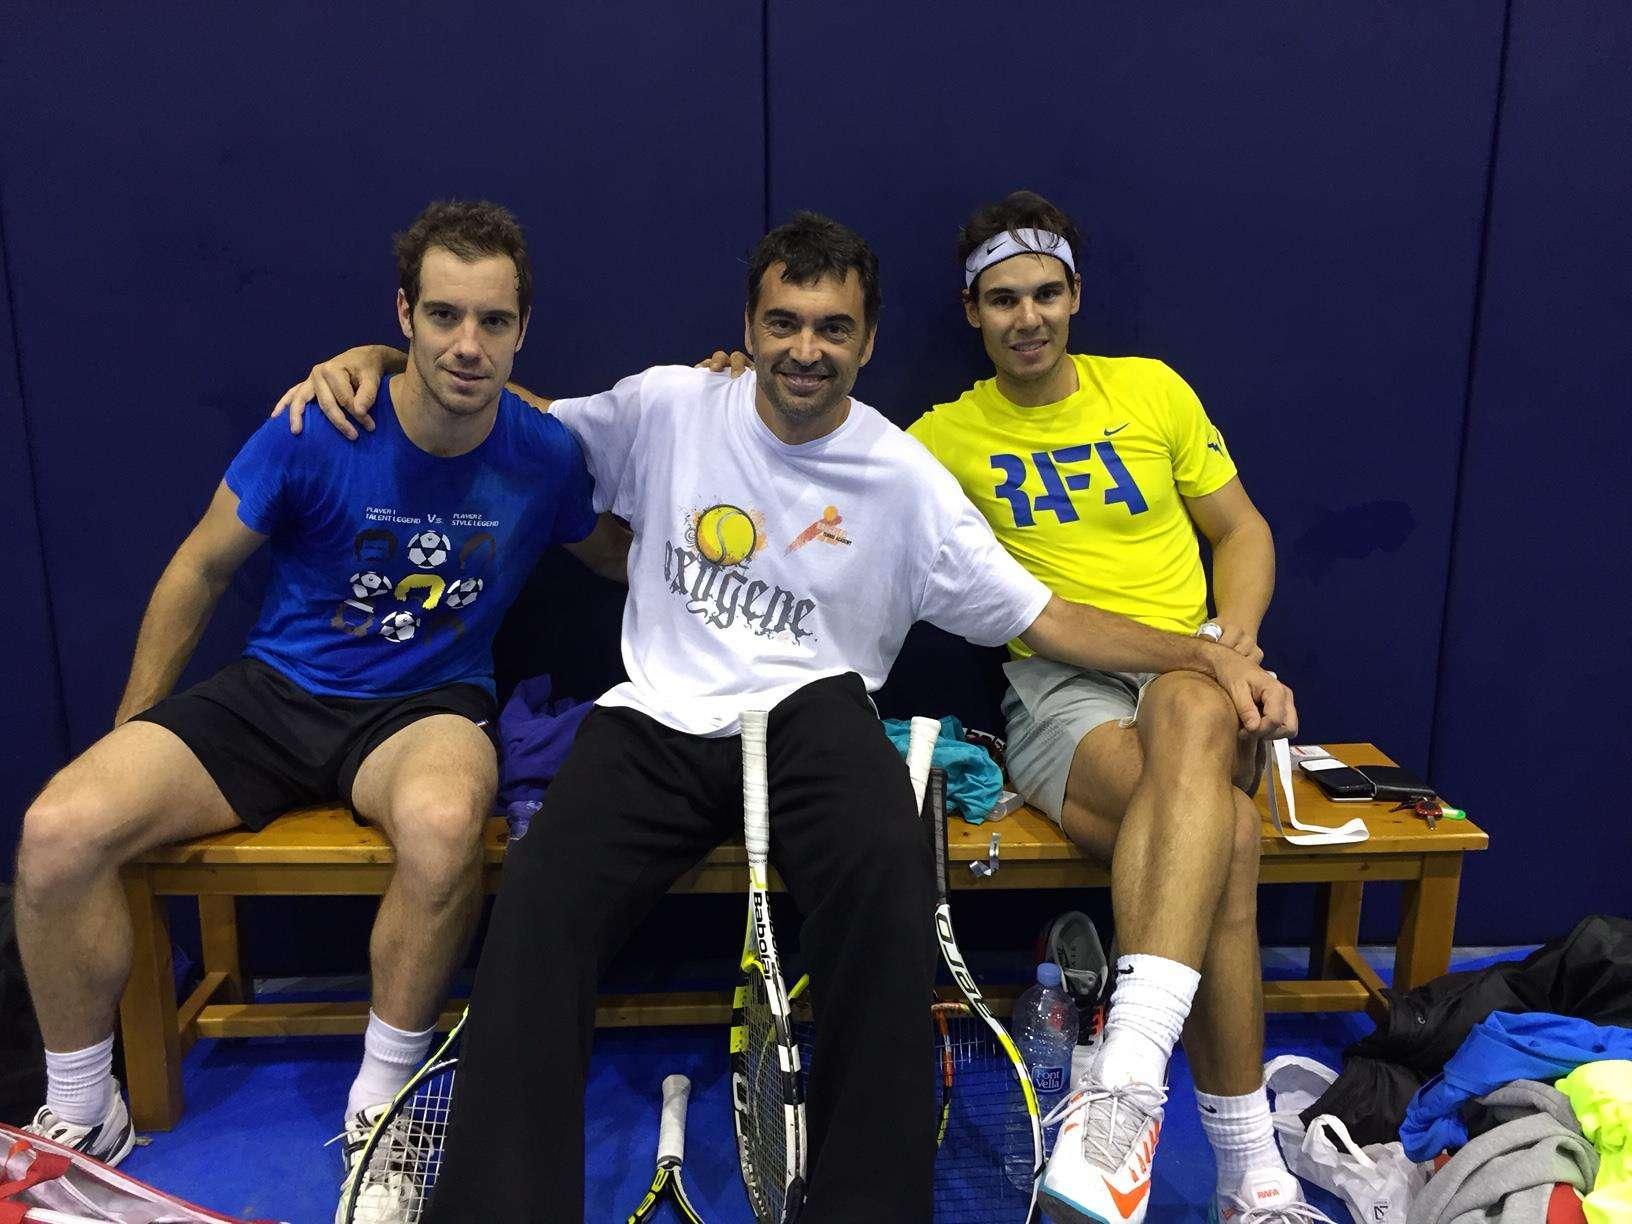 Rafa Nadal junto a Gasquet y su entrenador Bruguera. Foto: Cortesía Facebook Rafa Nadal